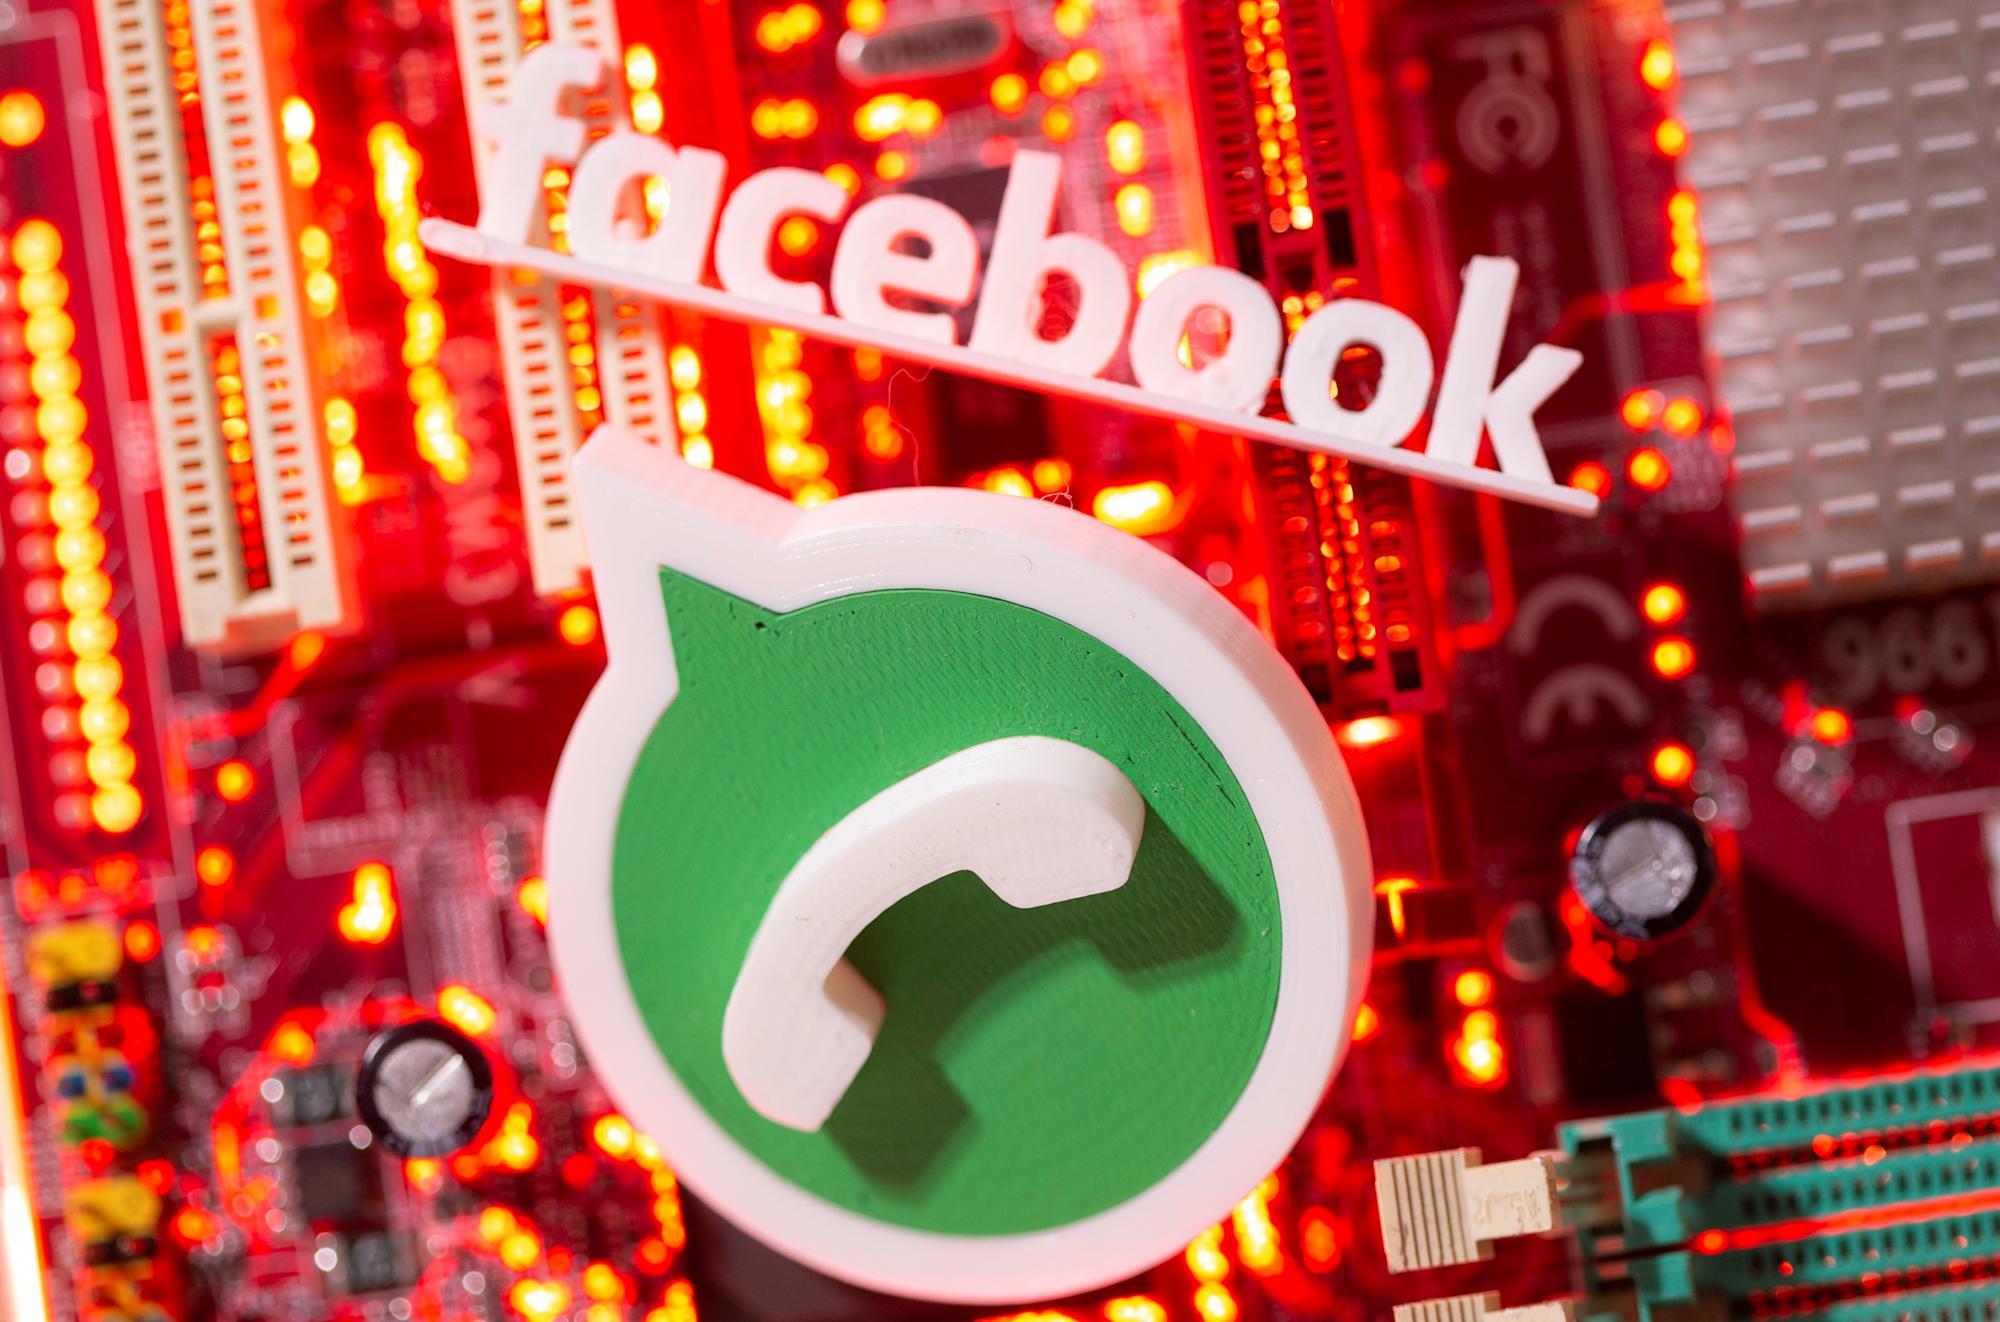 نهاد نظارتی در آلمان دستور توقف جمعآوری اطلاعات کاربران واتساپ را صادر کرد